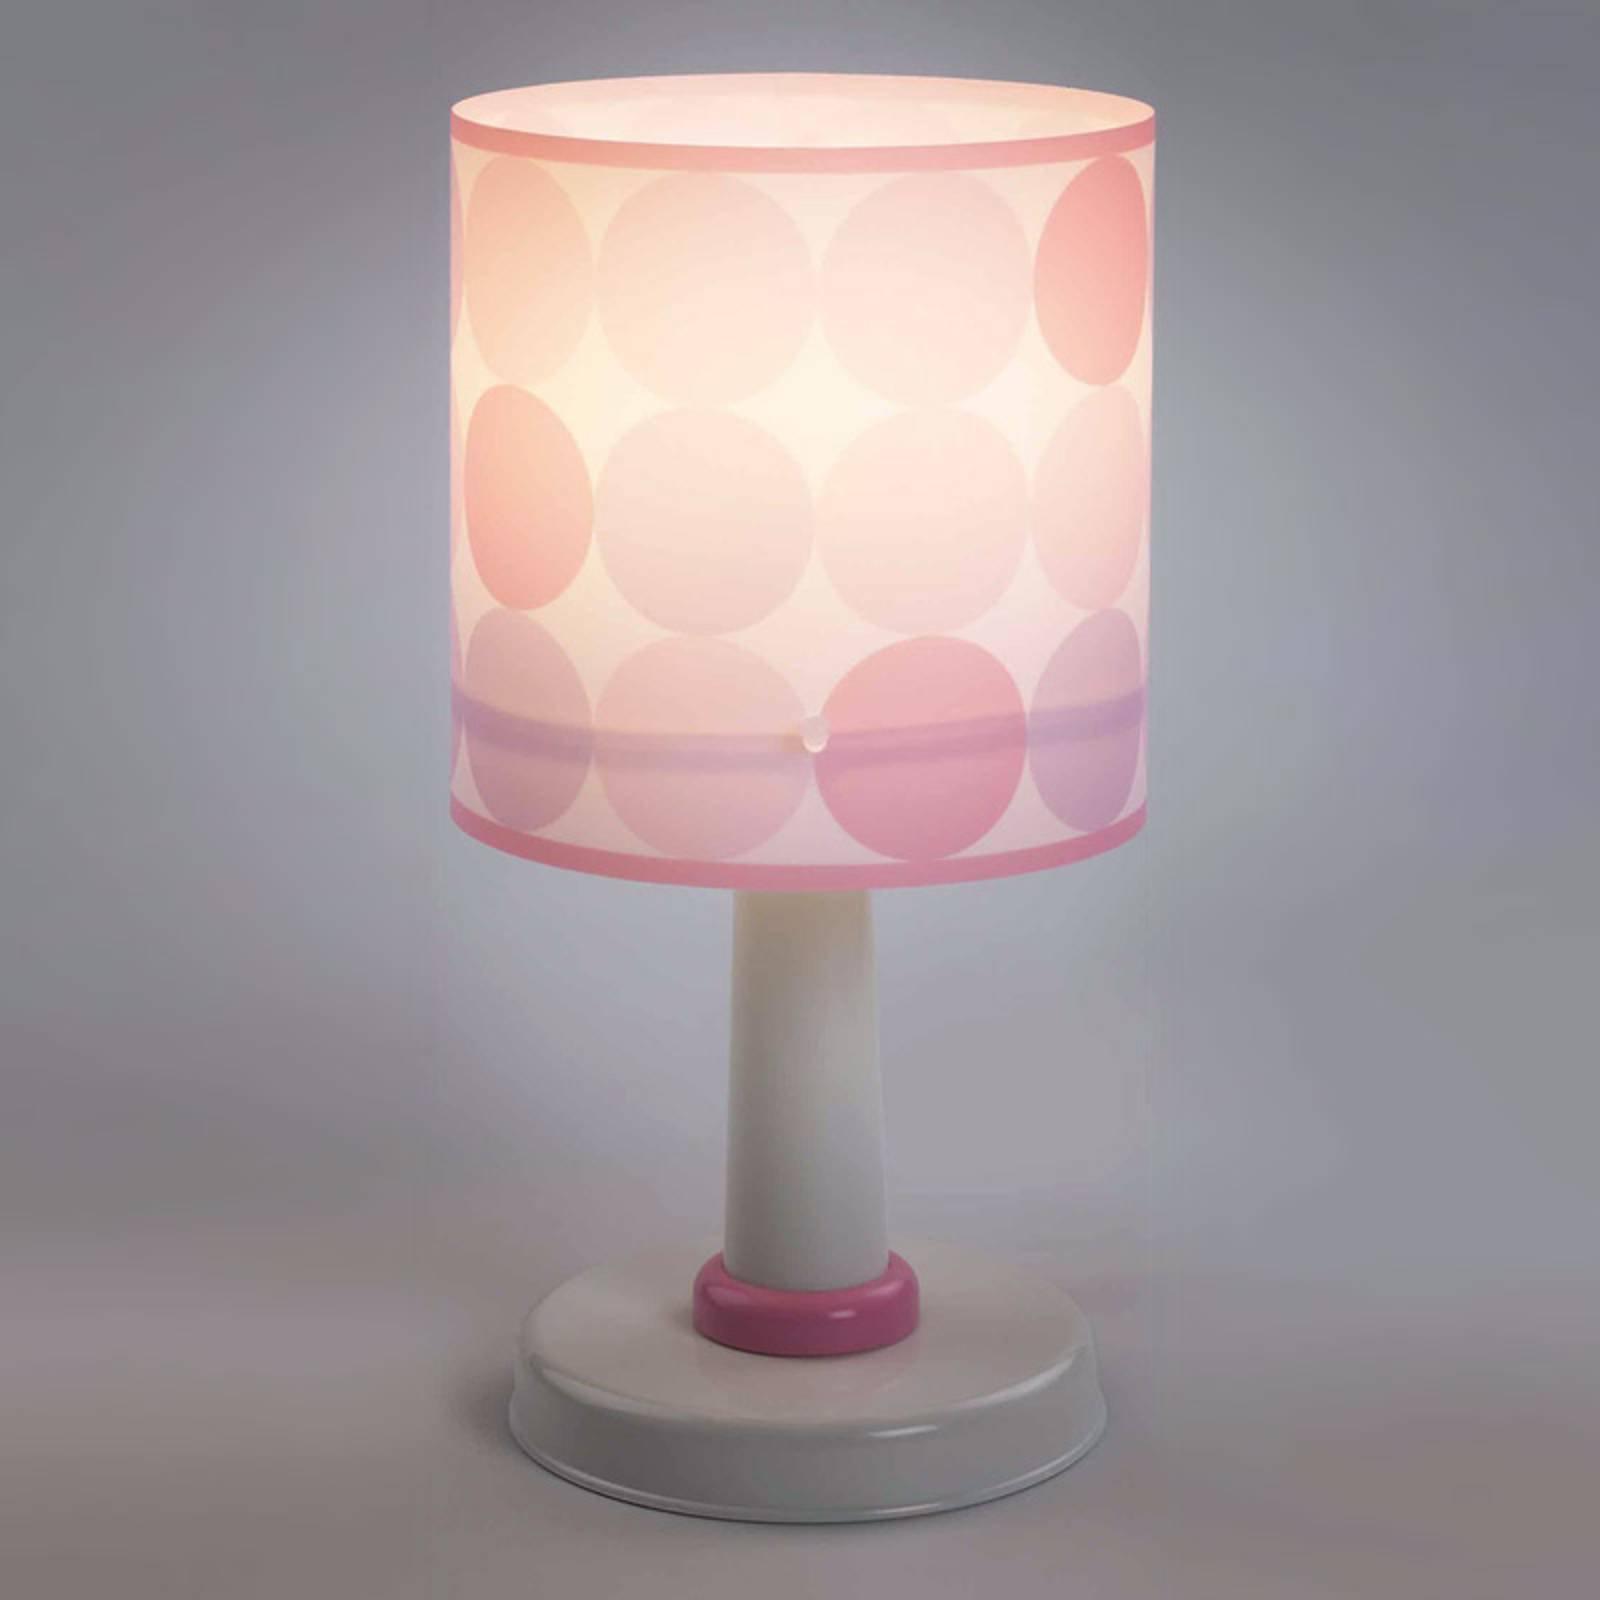 Colors - prikkete bordlampe i rosa